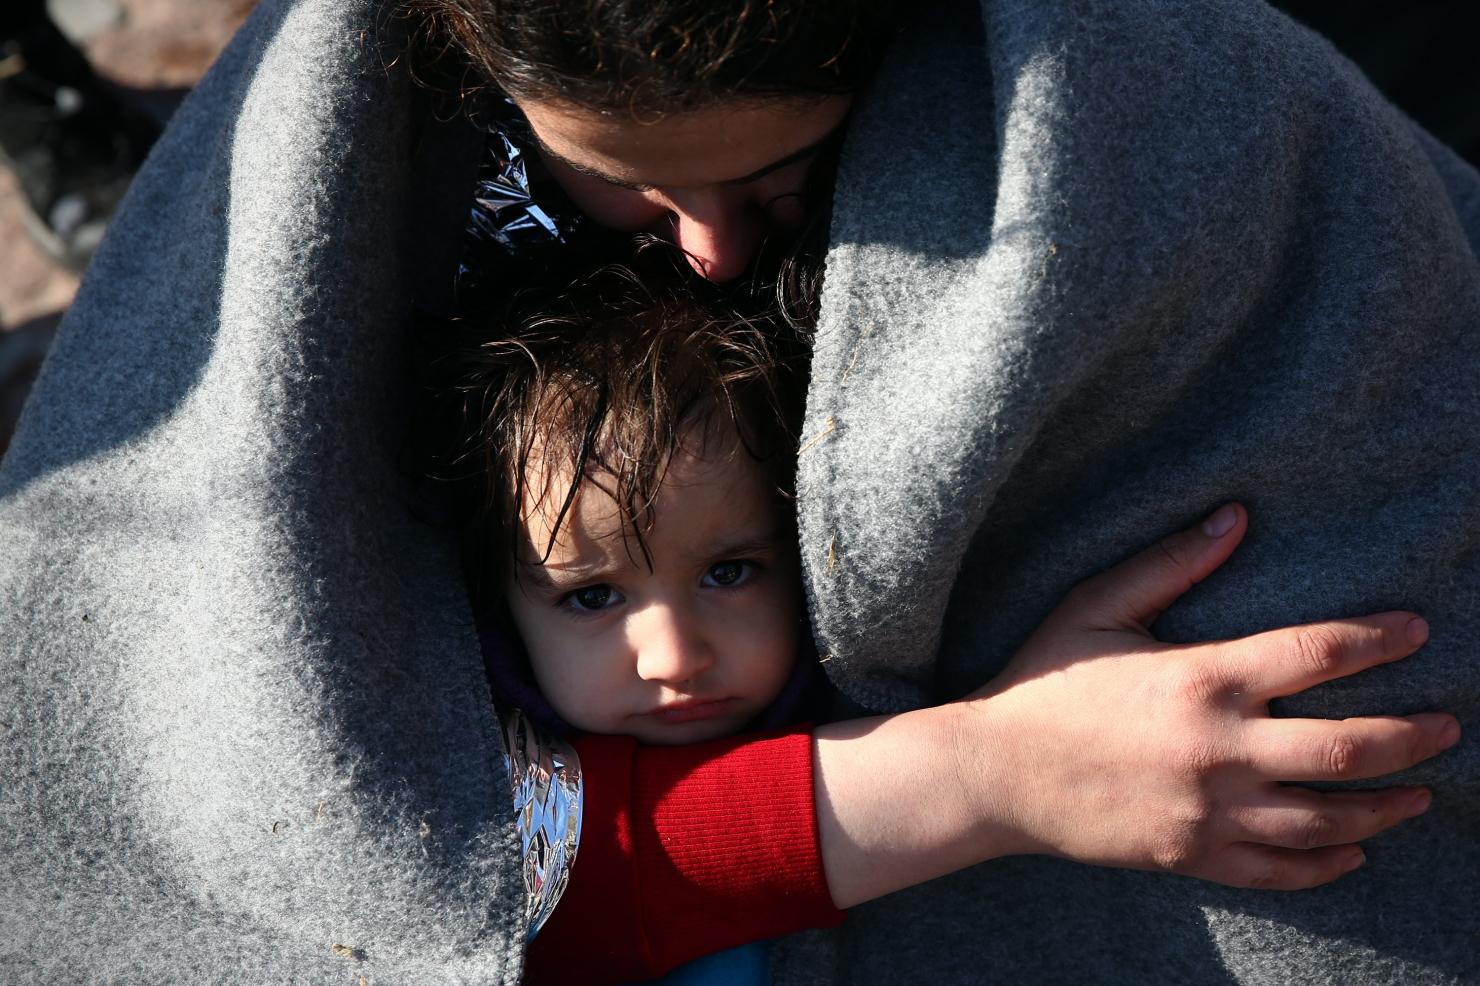 Refugiată ajunsă cu bine în Grecia